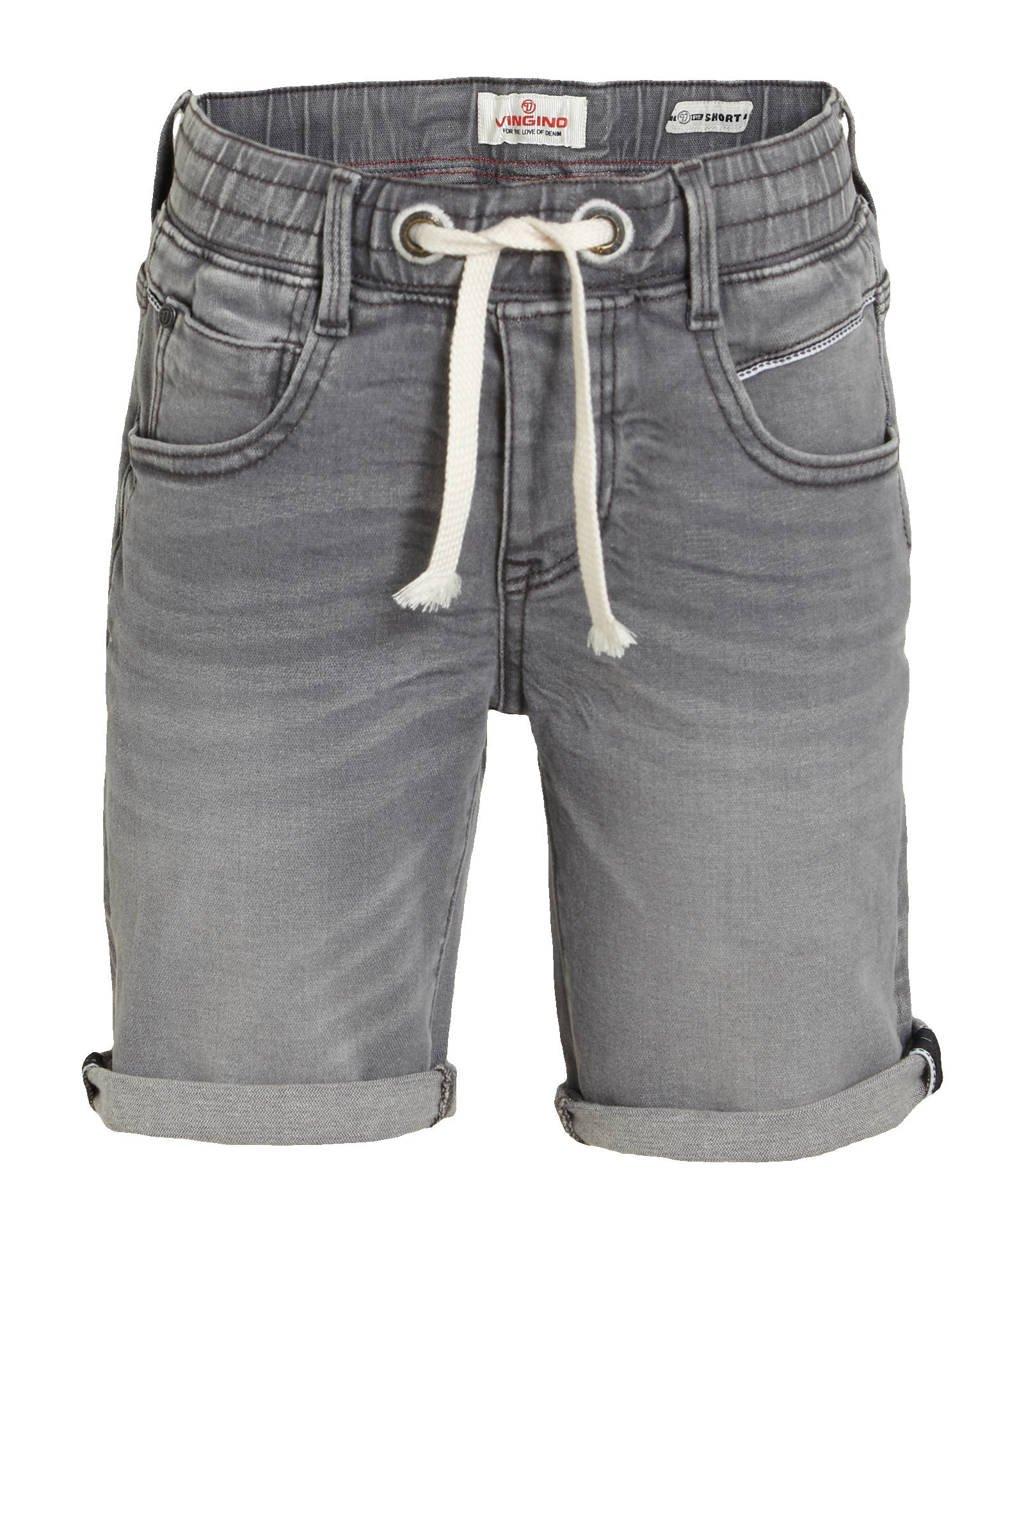 Vingino jeans bermuda Cecario dark grey vintage, Dark grey vintage